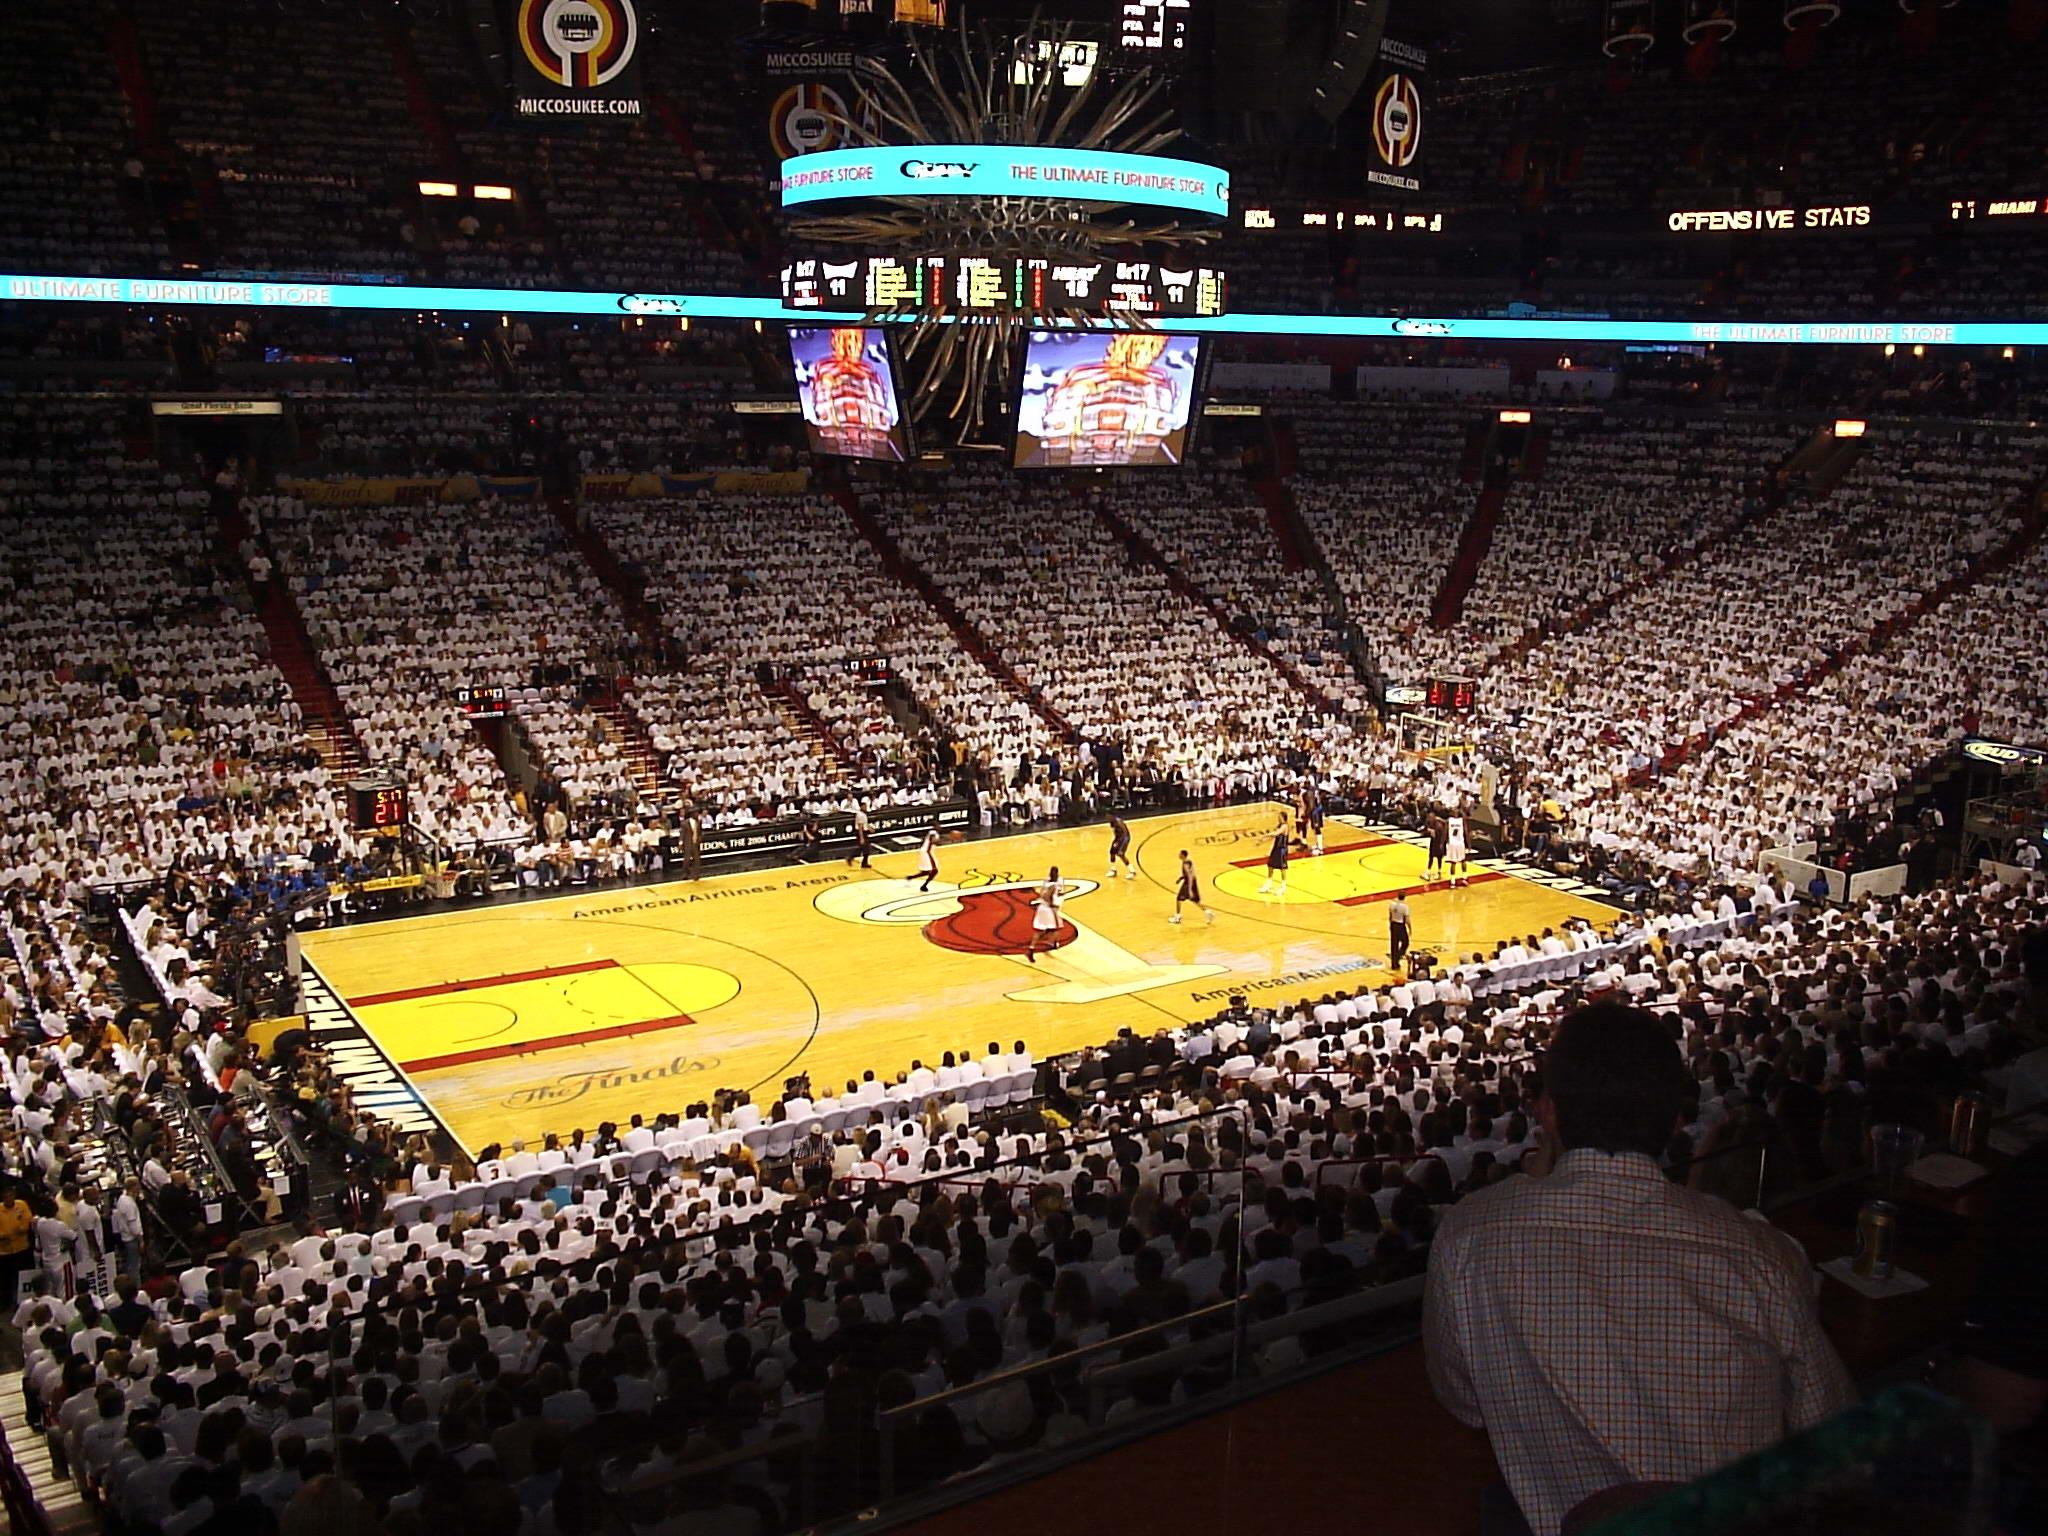 бизнес, НБА